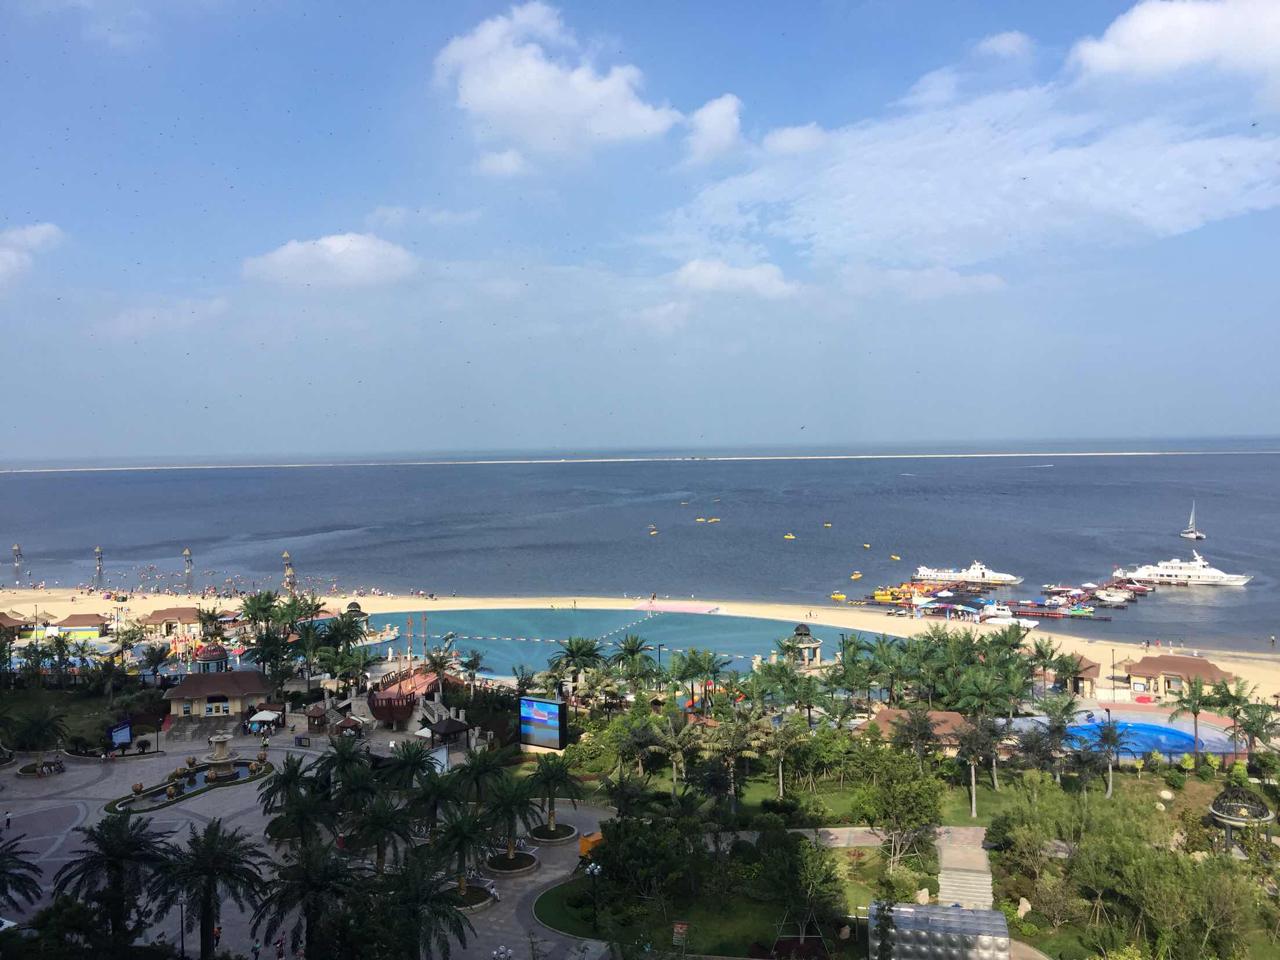 , 碧海银沙 滨海沙滩,室内恒温泳池,健身房 萌宝游园记 含晚餐图片